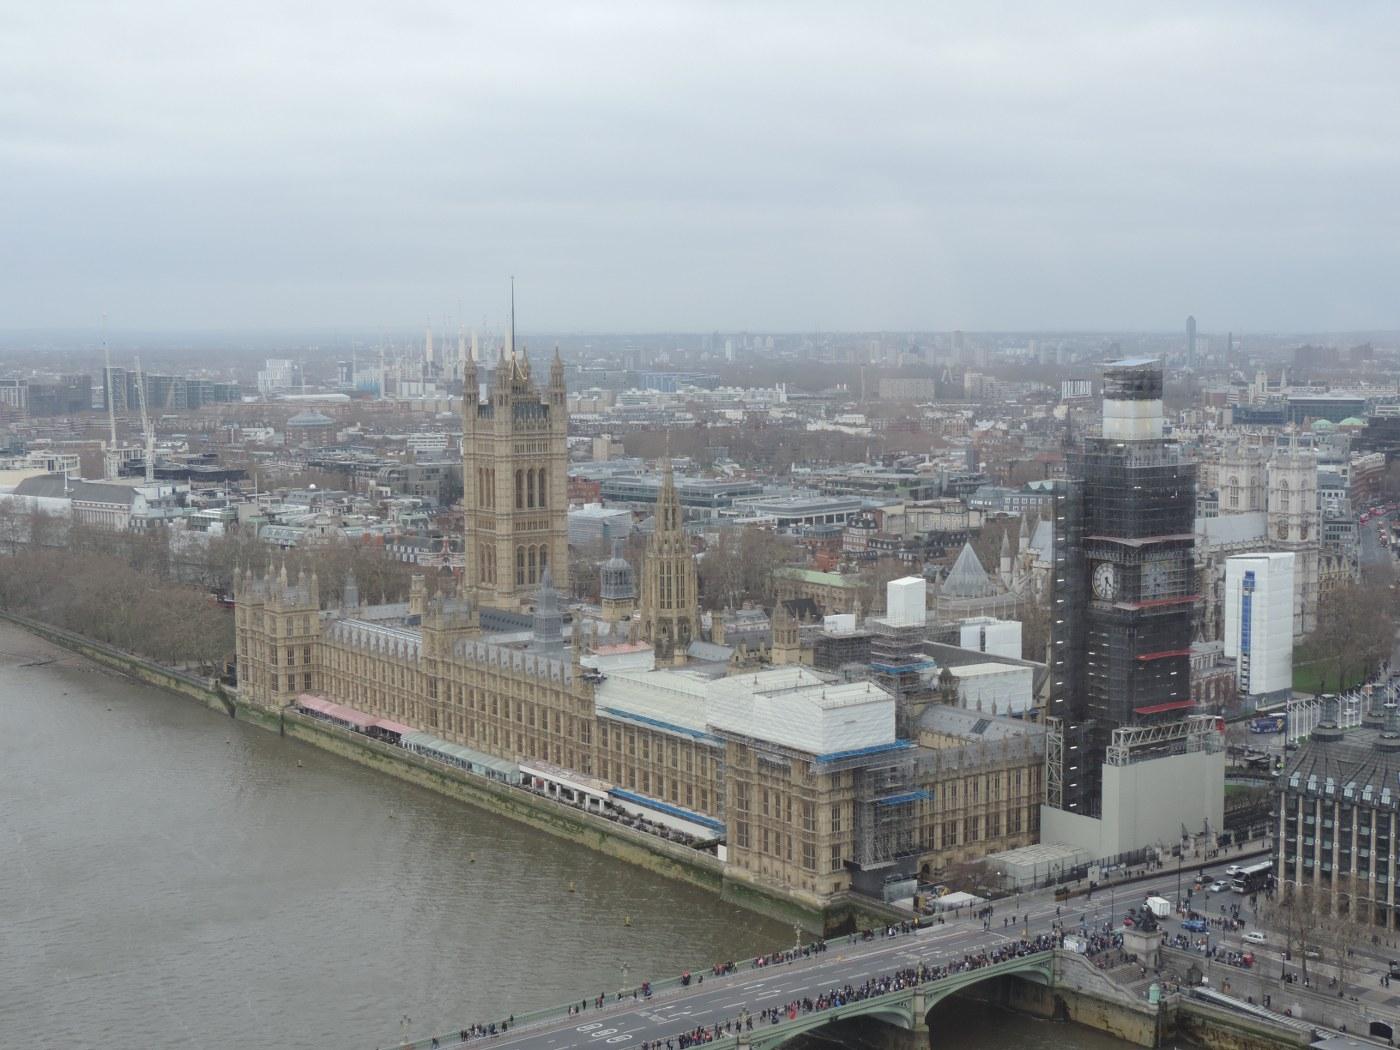 2019_03_17_london-186